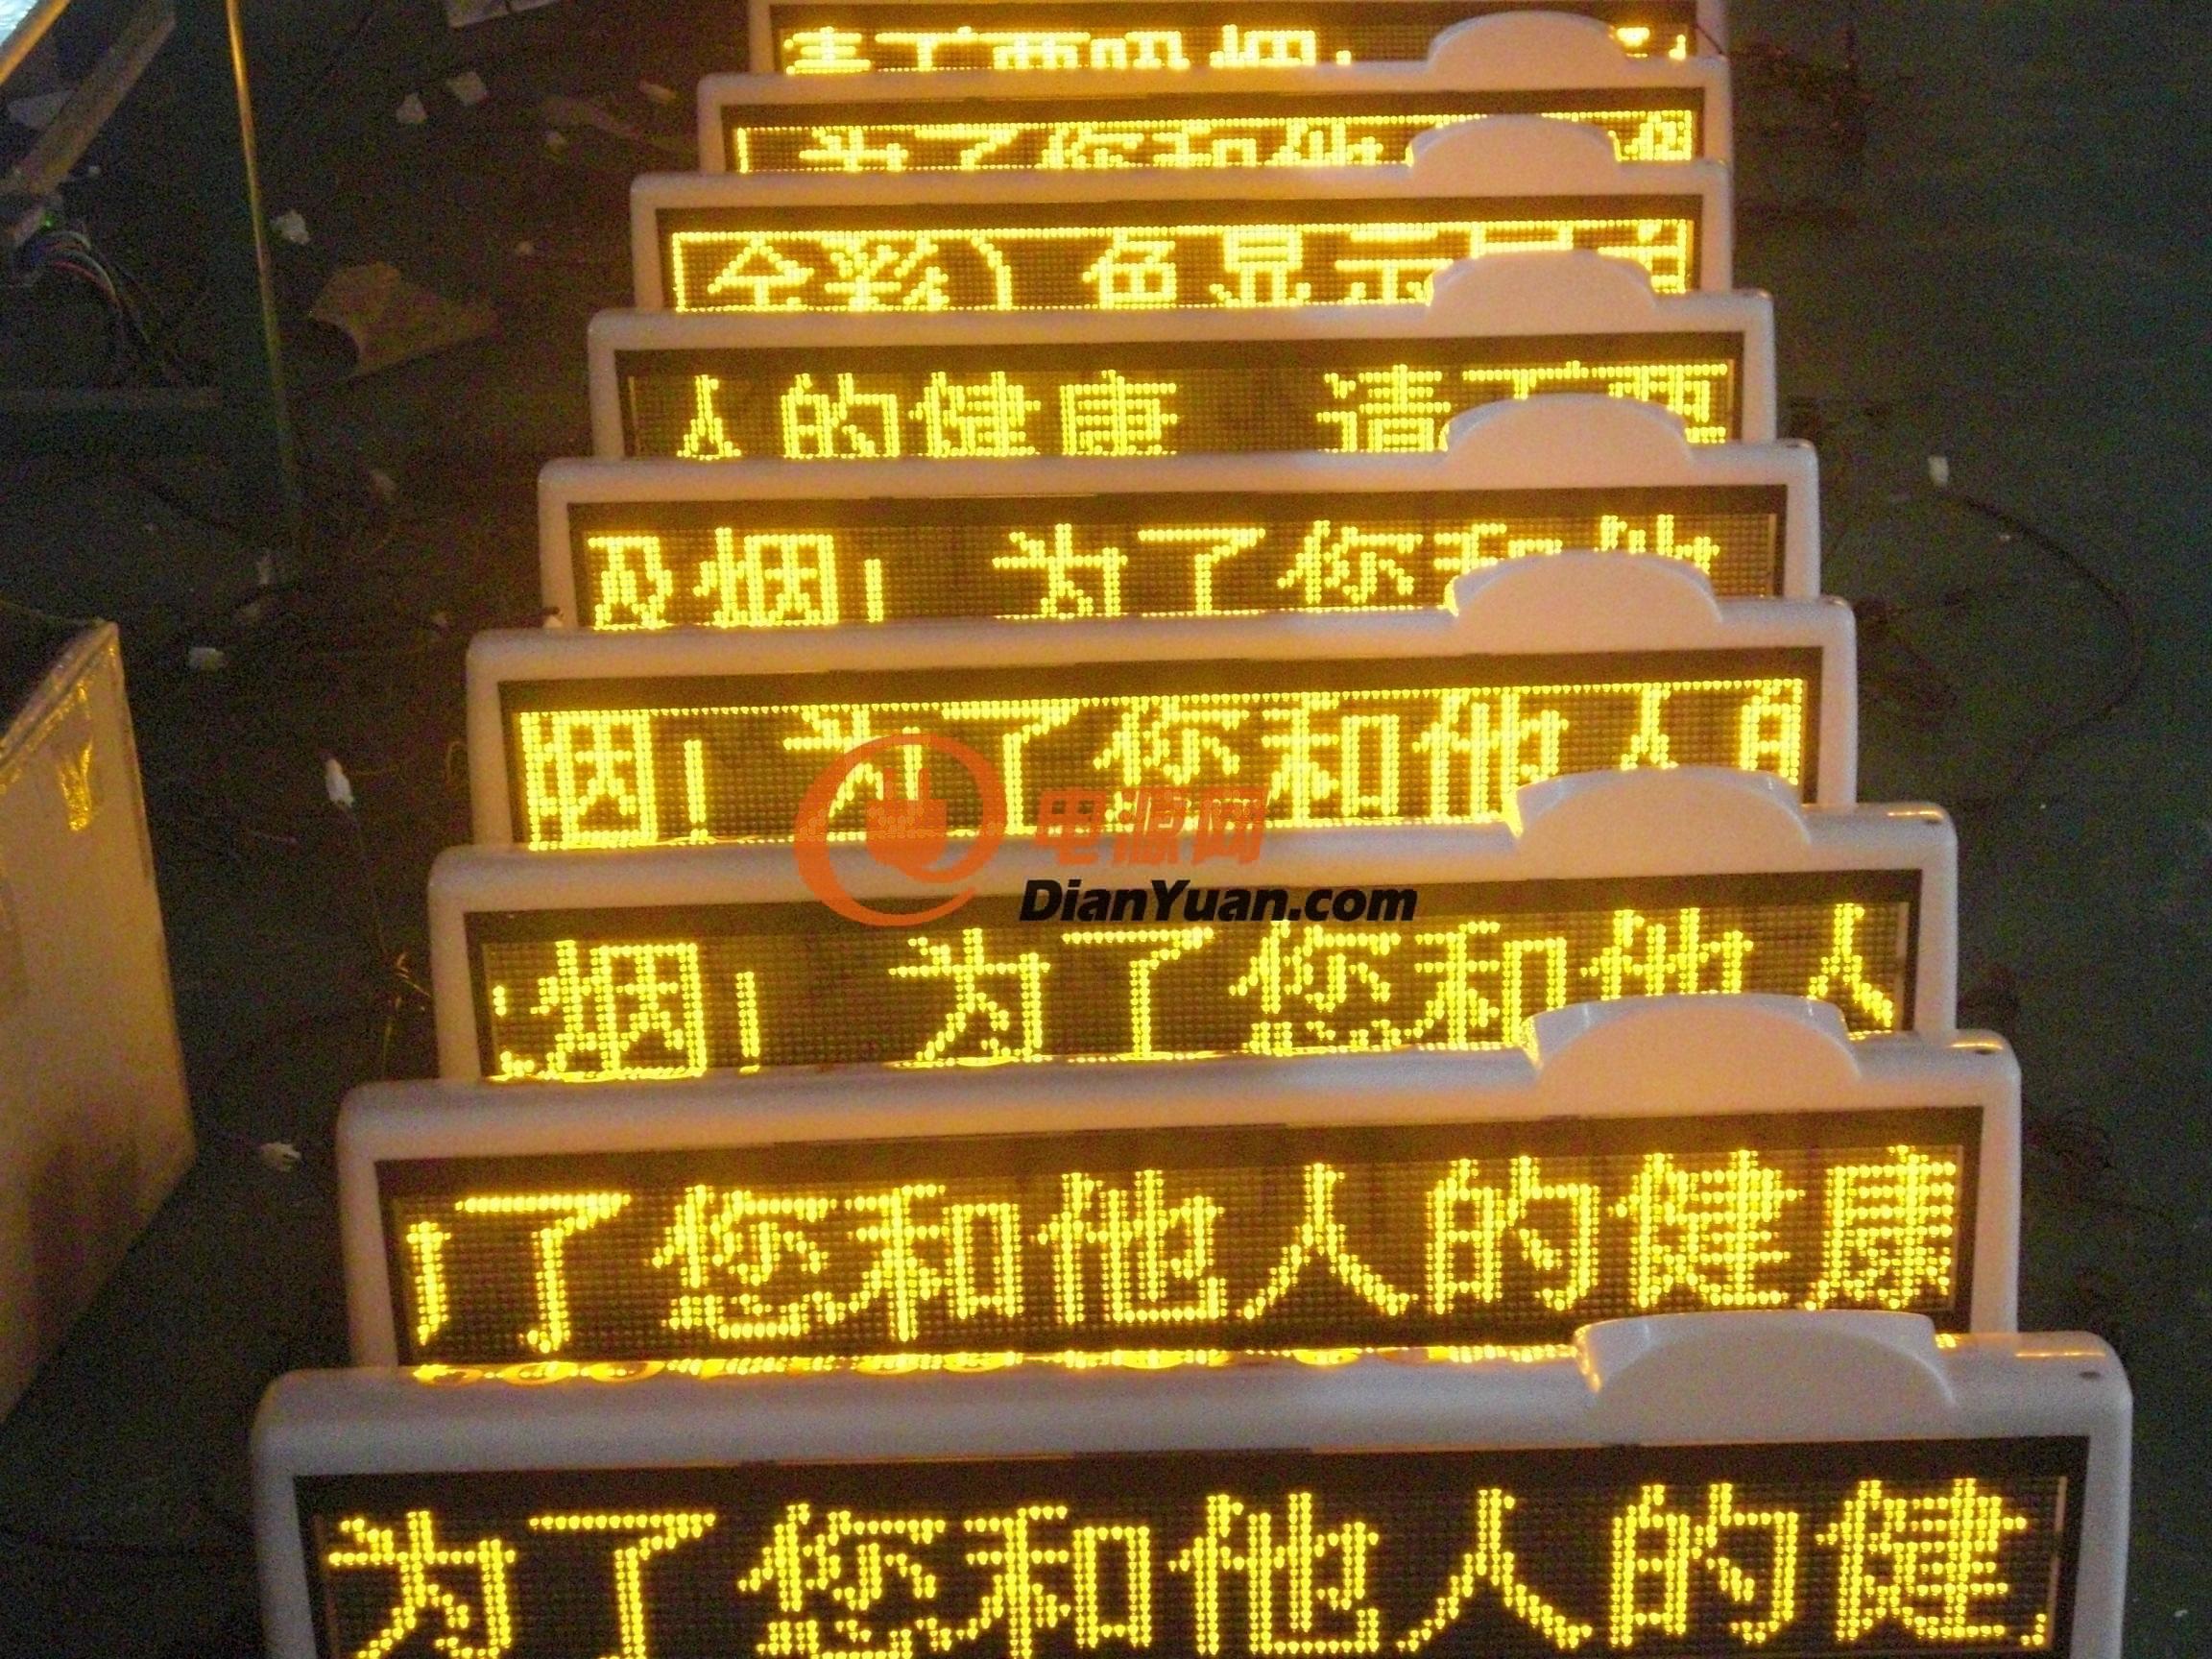 重庆长寿区出租车顶灯广告_【上海出租车顶灯的士广告顶灯批发】